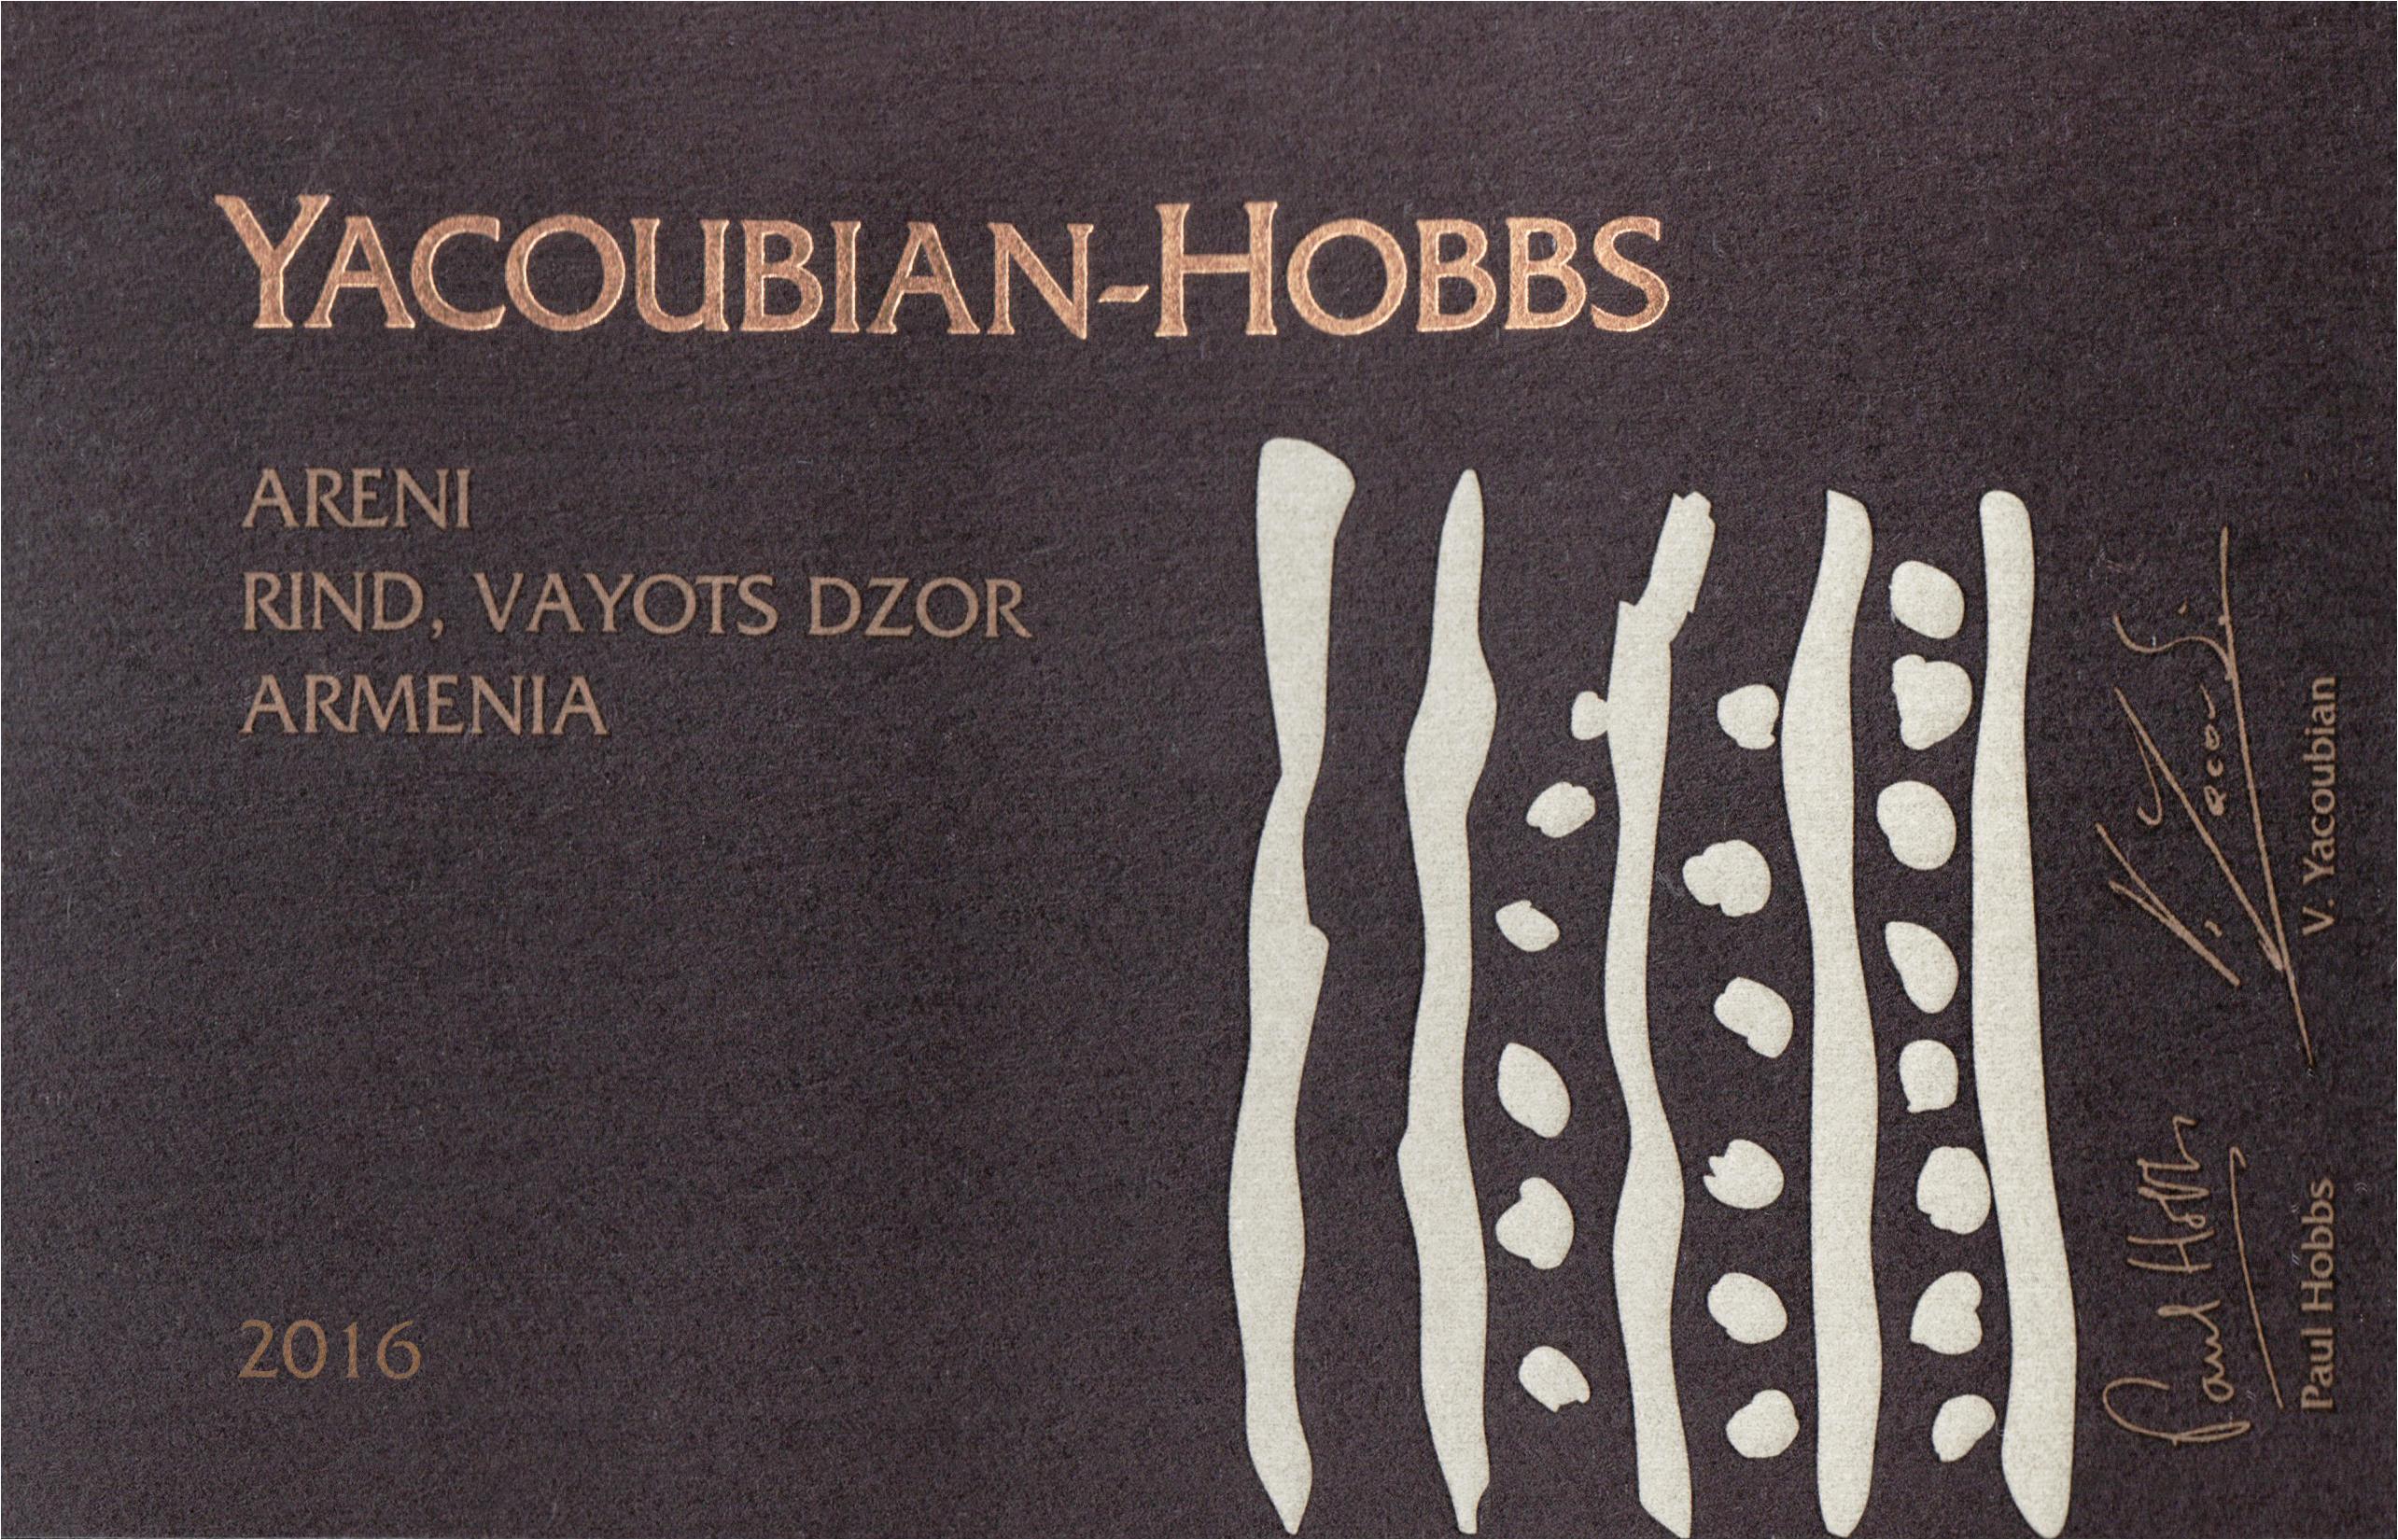 Yacoubian Hobbs Rin Areni 750m 2016